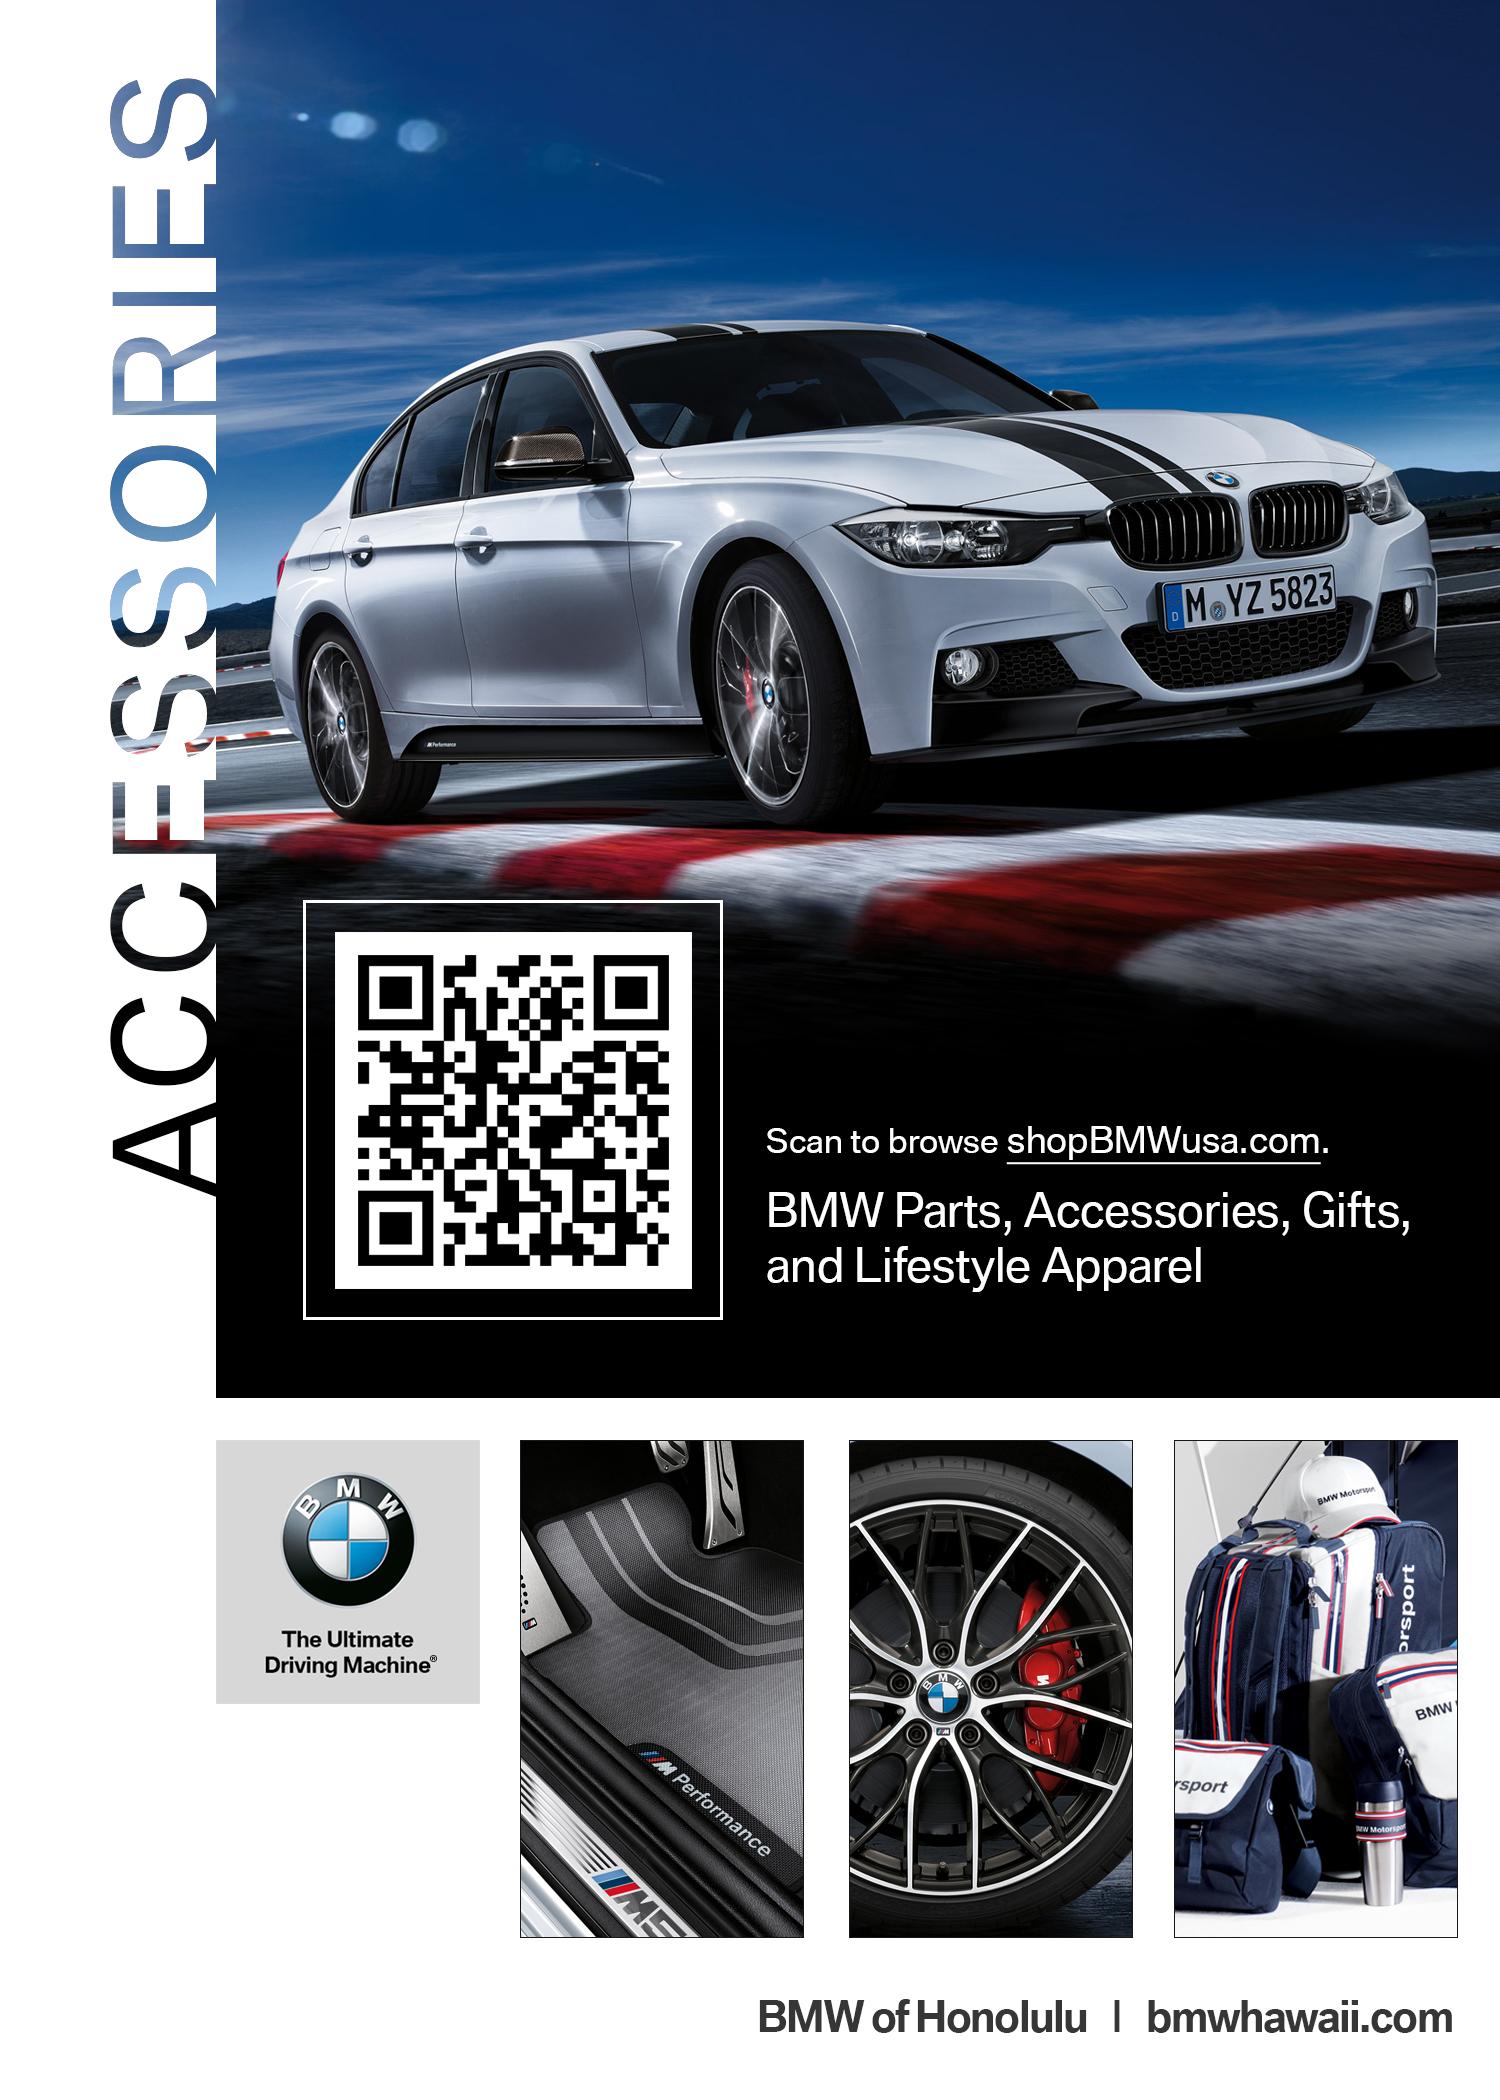 BMW of Honolulu - Showroom display